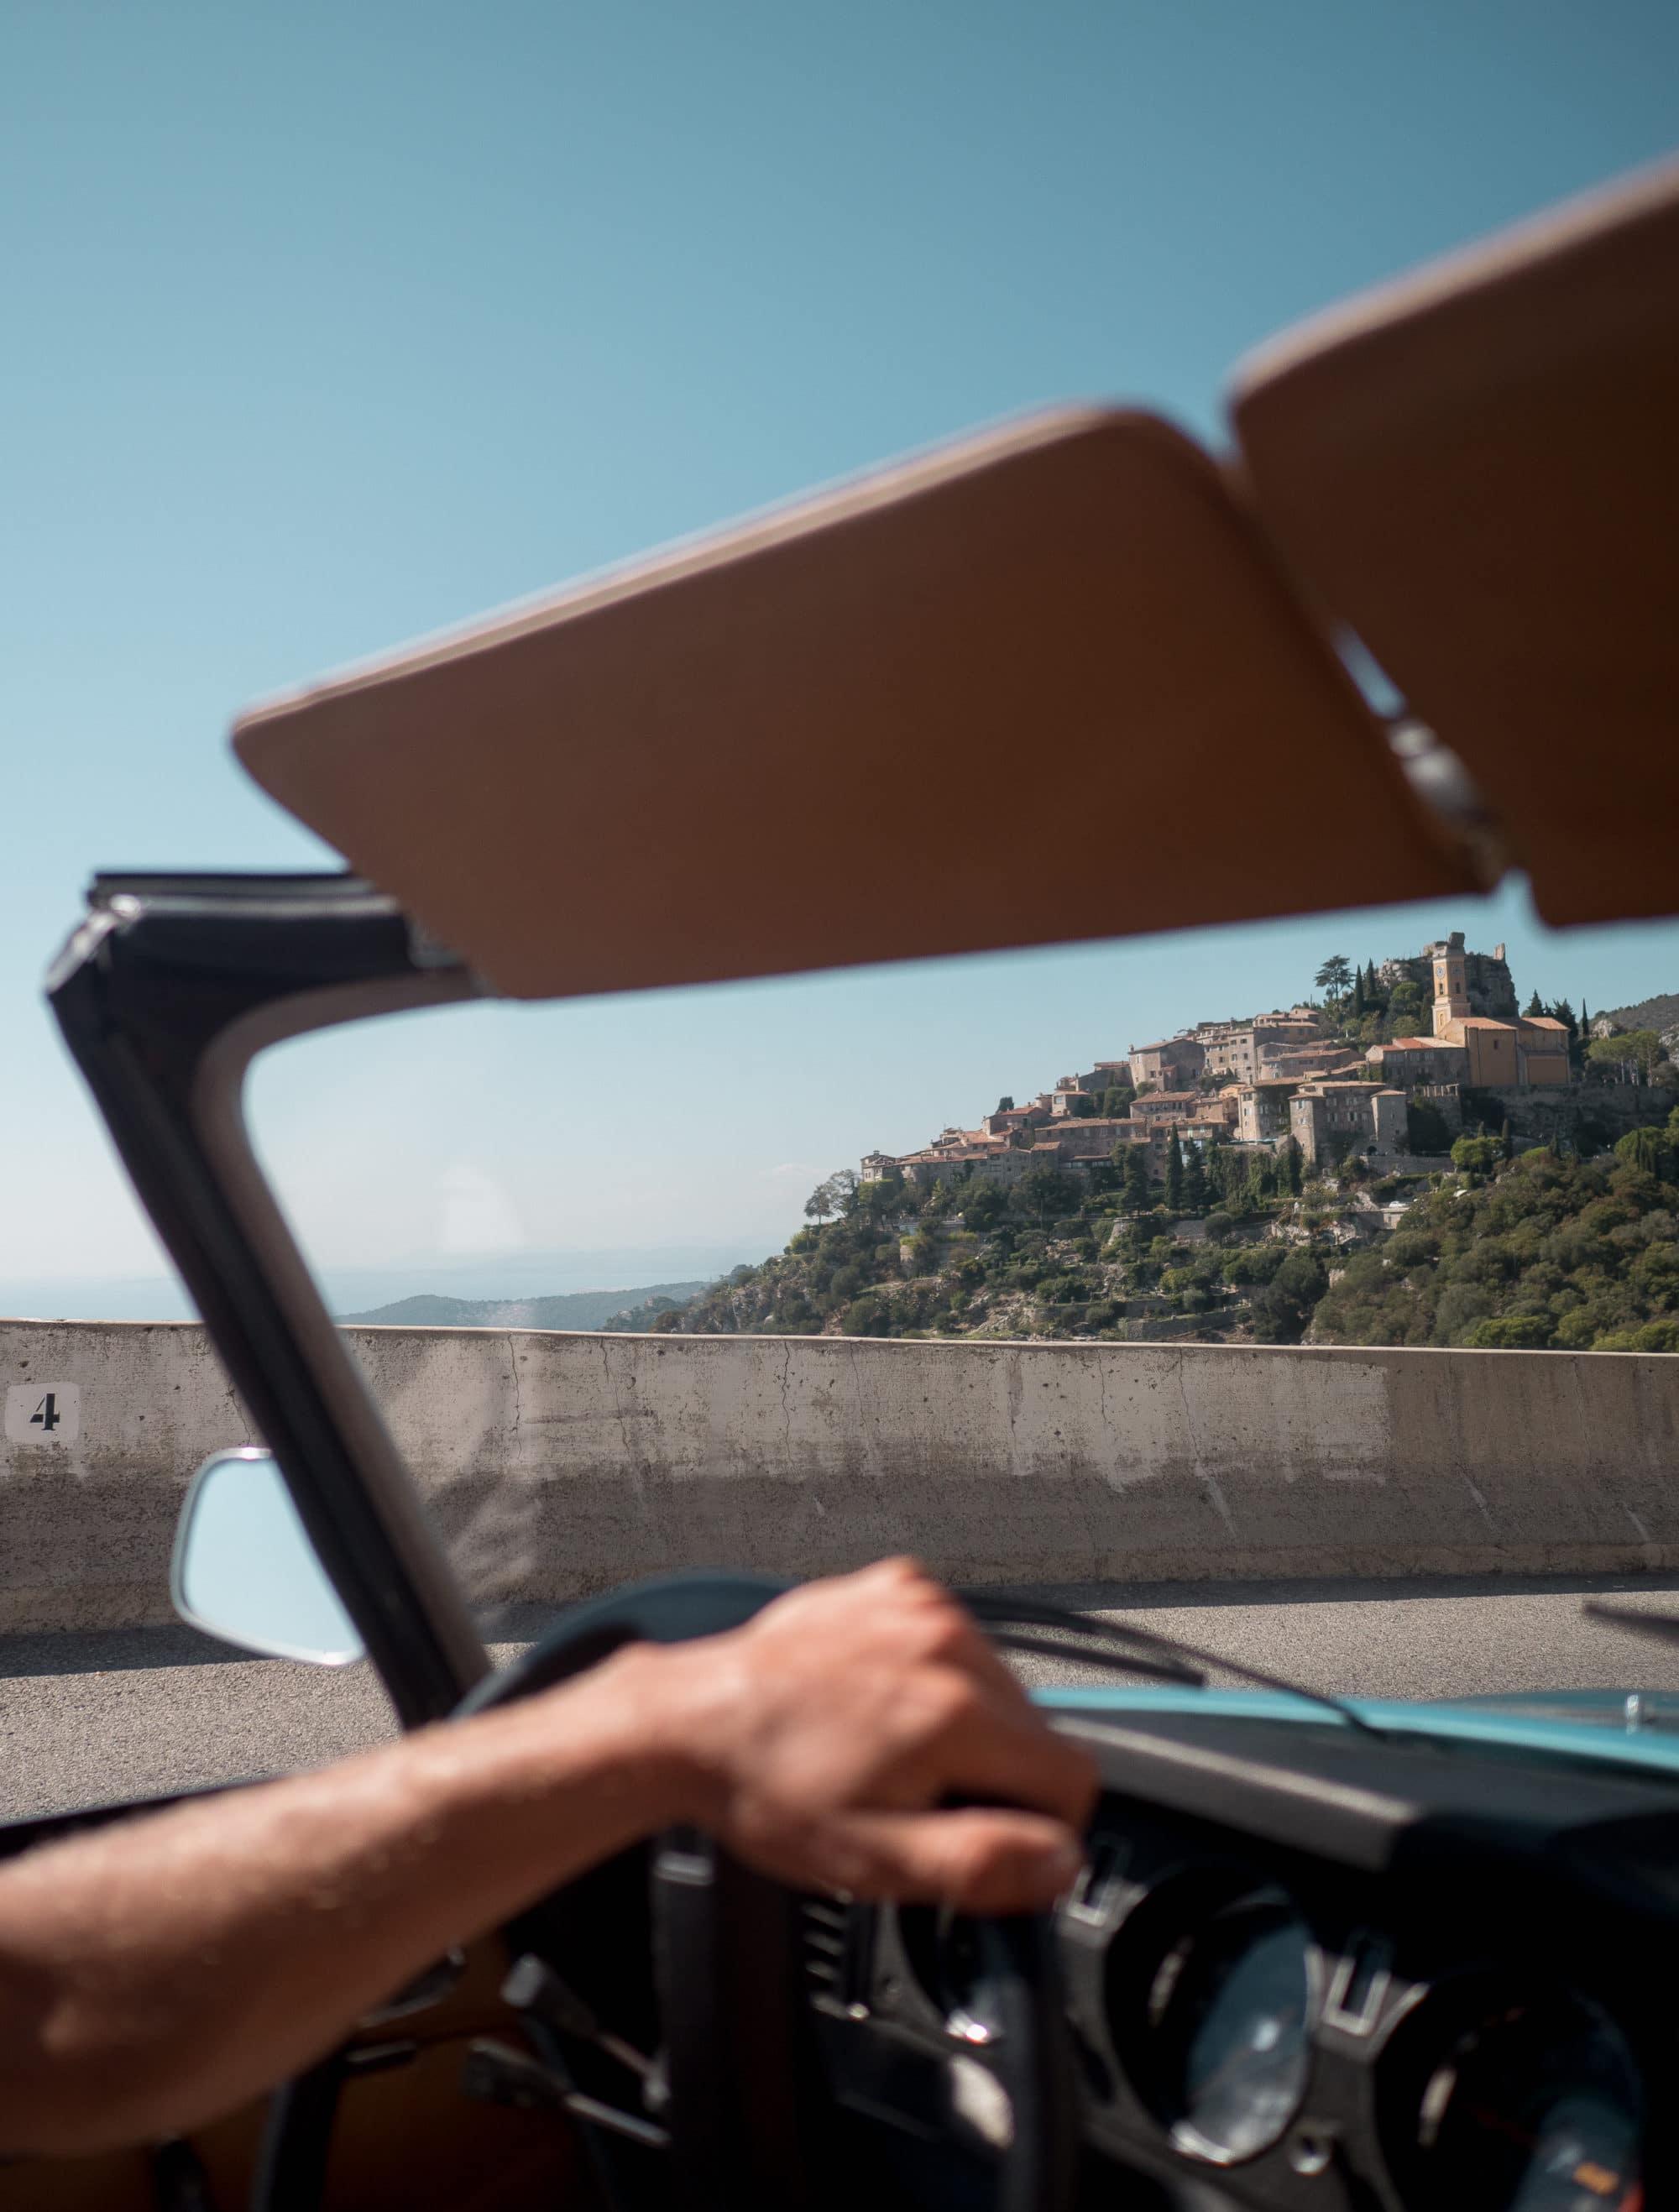 Cote d'Azur, Eze, village de france, sejour en france, authentique, que faire sur la cote d'azur